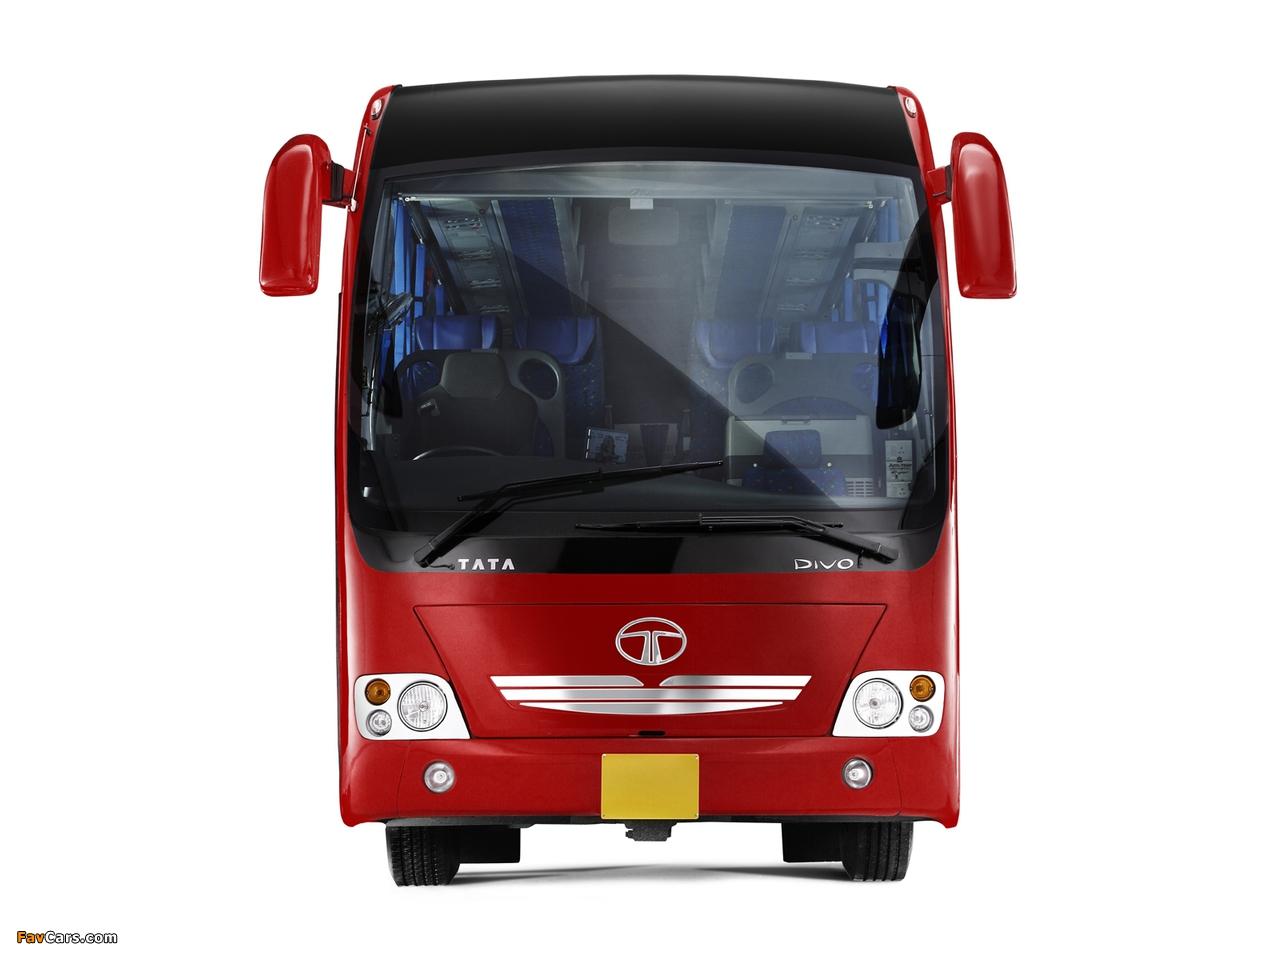 Tata Divo 2011 images (1280 x 960)